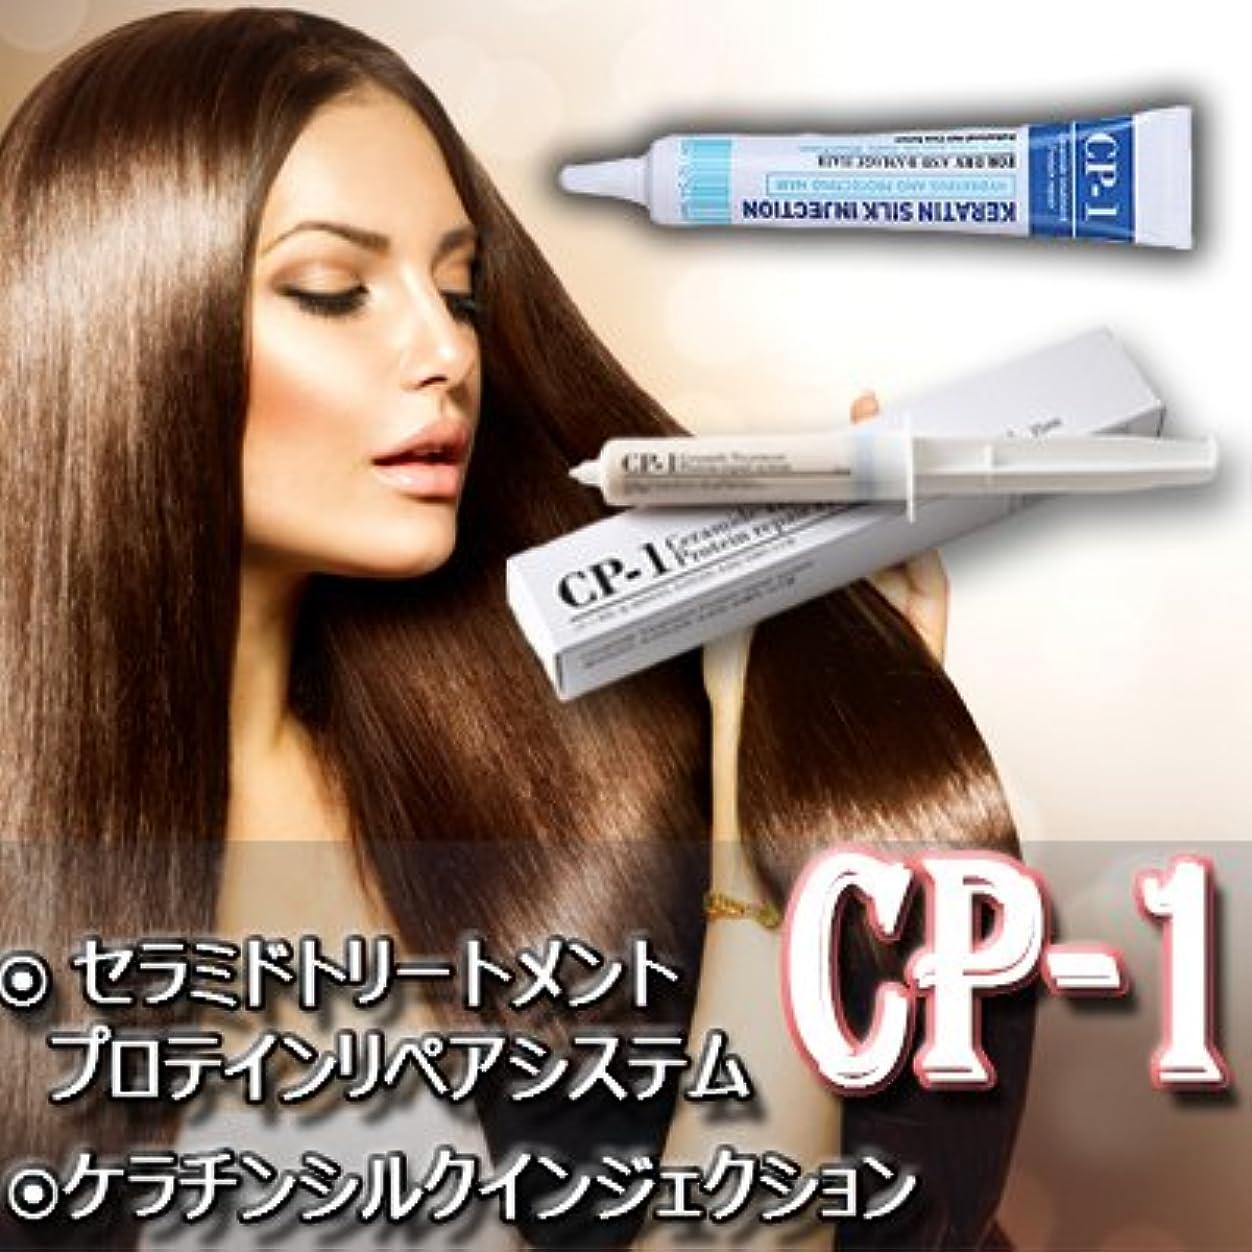 [CP-1 Keratin 10pcs 1タンパク質アンプル] 洗いながすことなく塗るだけOK!毎日使用してください!【10個入り】